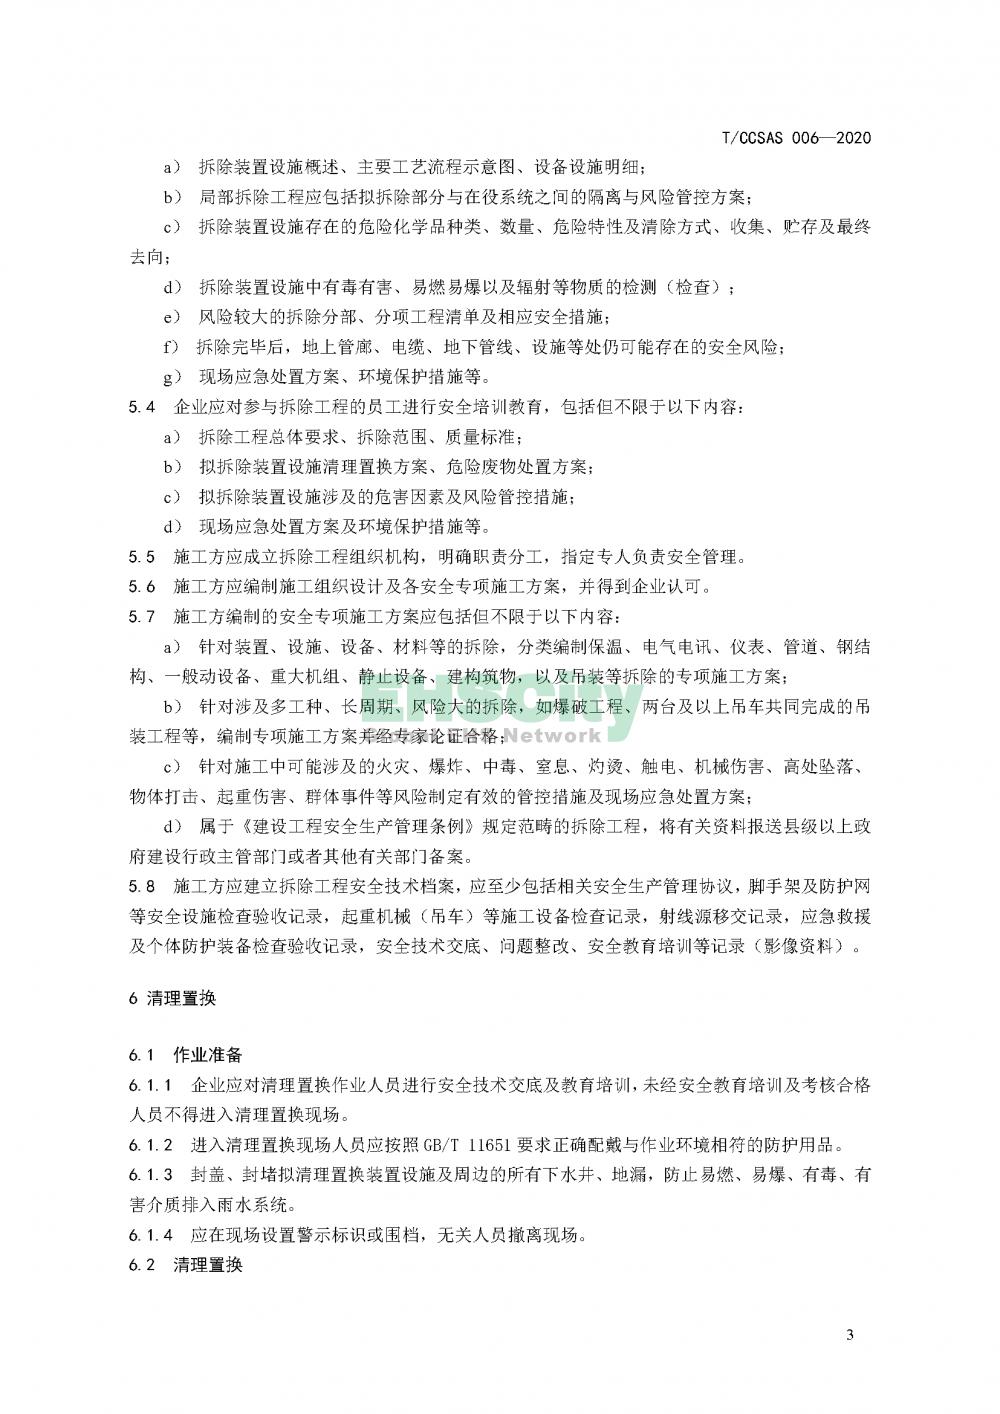 《化工企业装置设施拆除安全管理规范》_页面_09